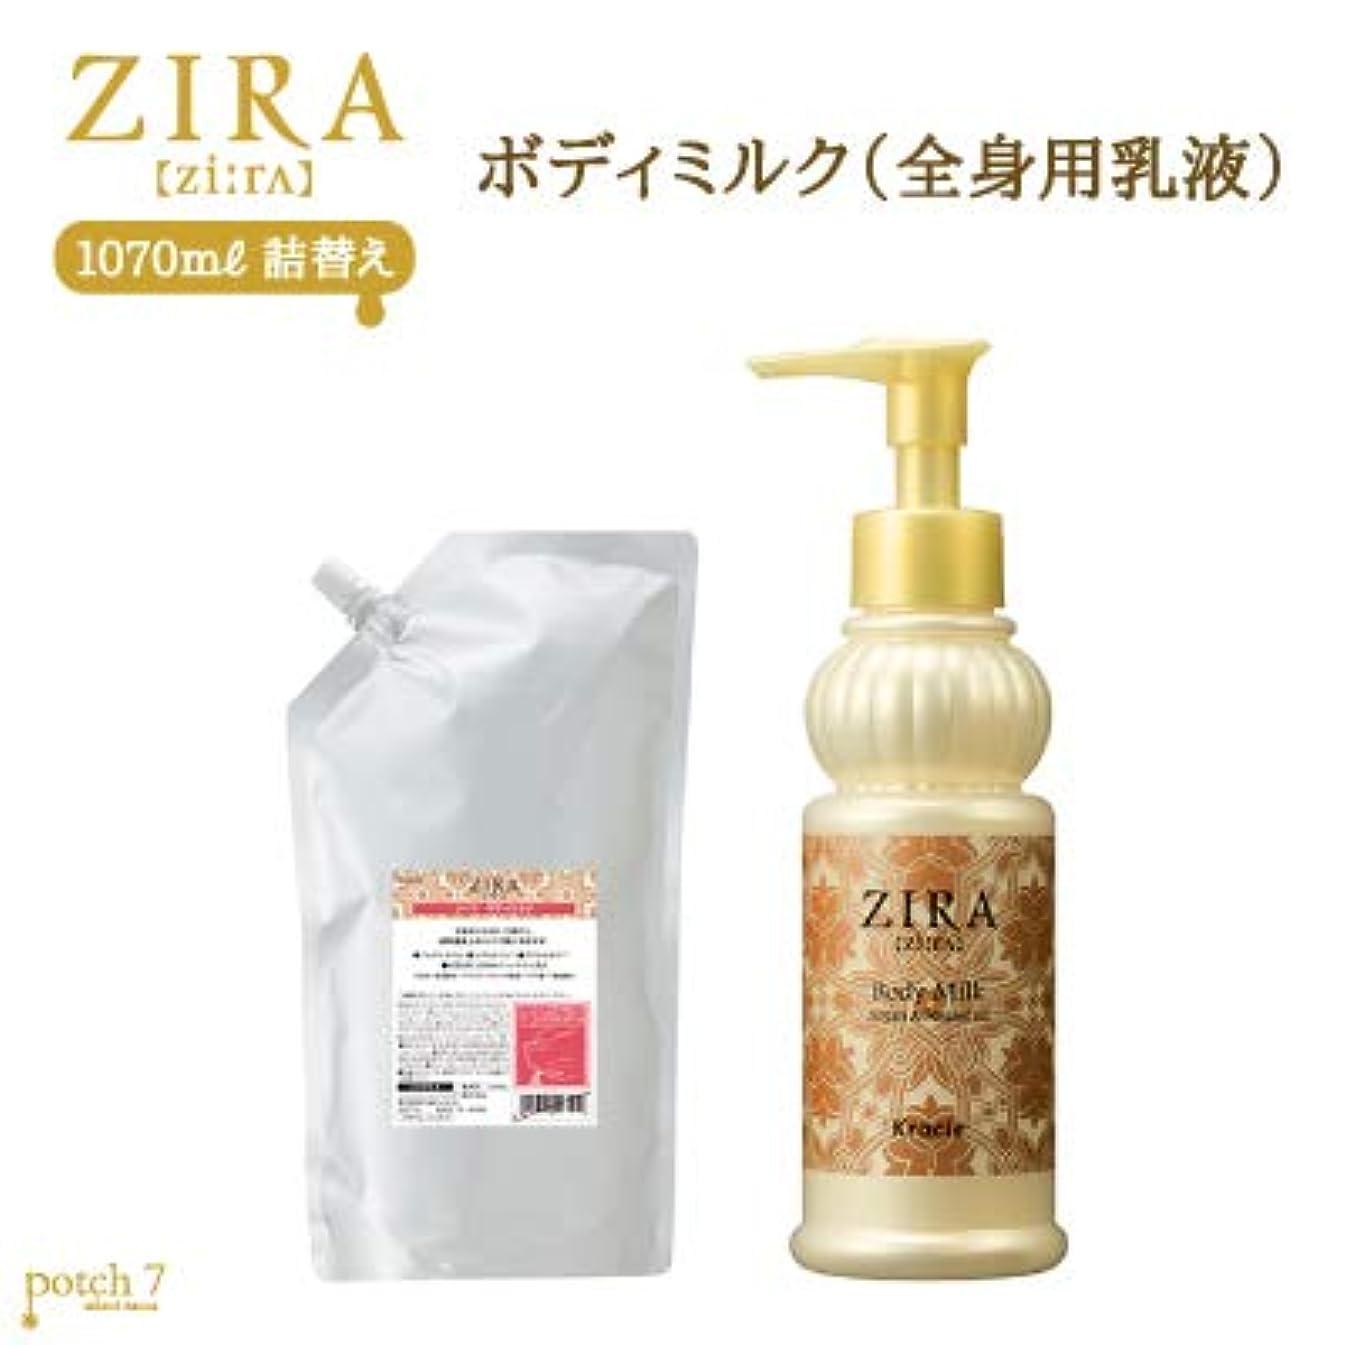 最初は手当上向きkracie(クラシエ) ZIRA ジーラ ボディミルク 乳液 1070ml 業務用サイズ 詰替え 150ml×1本